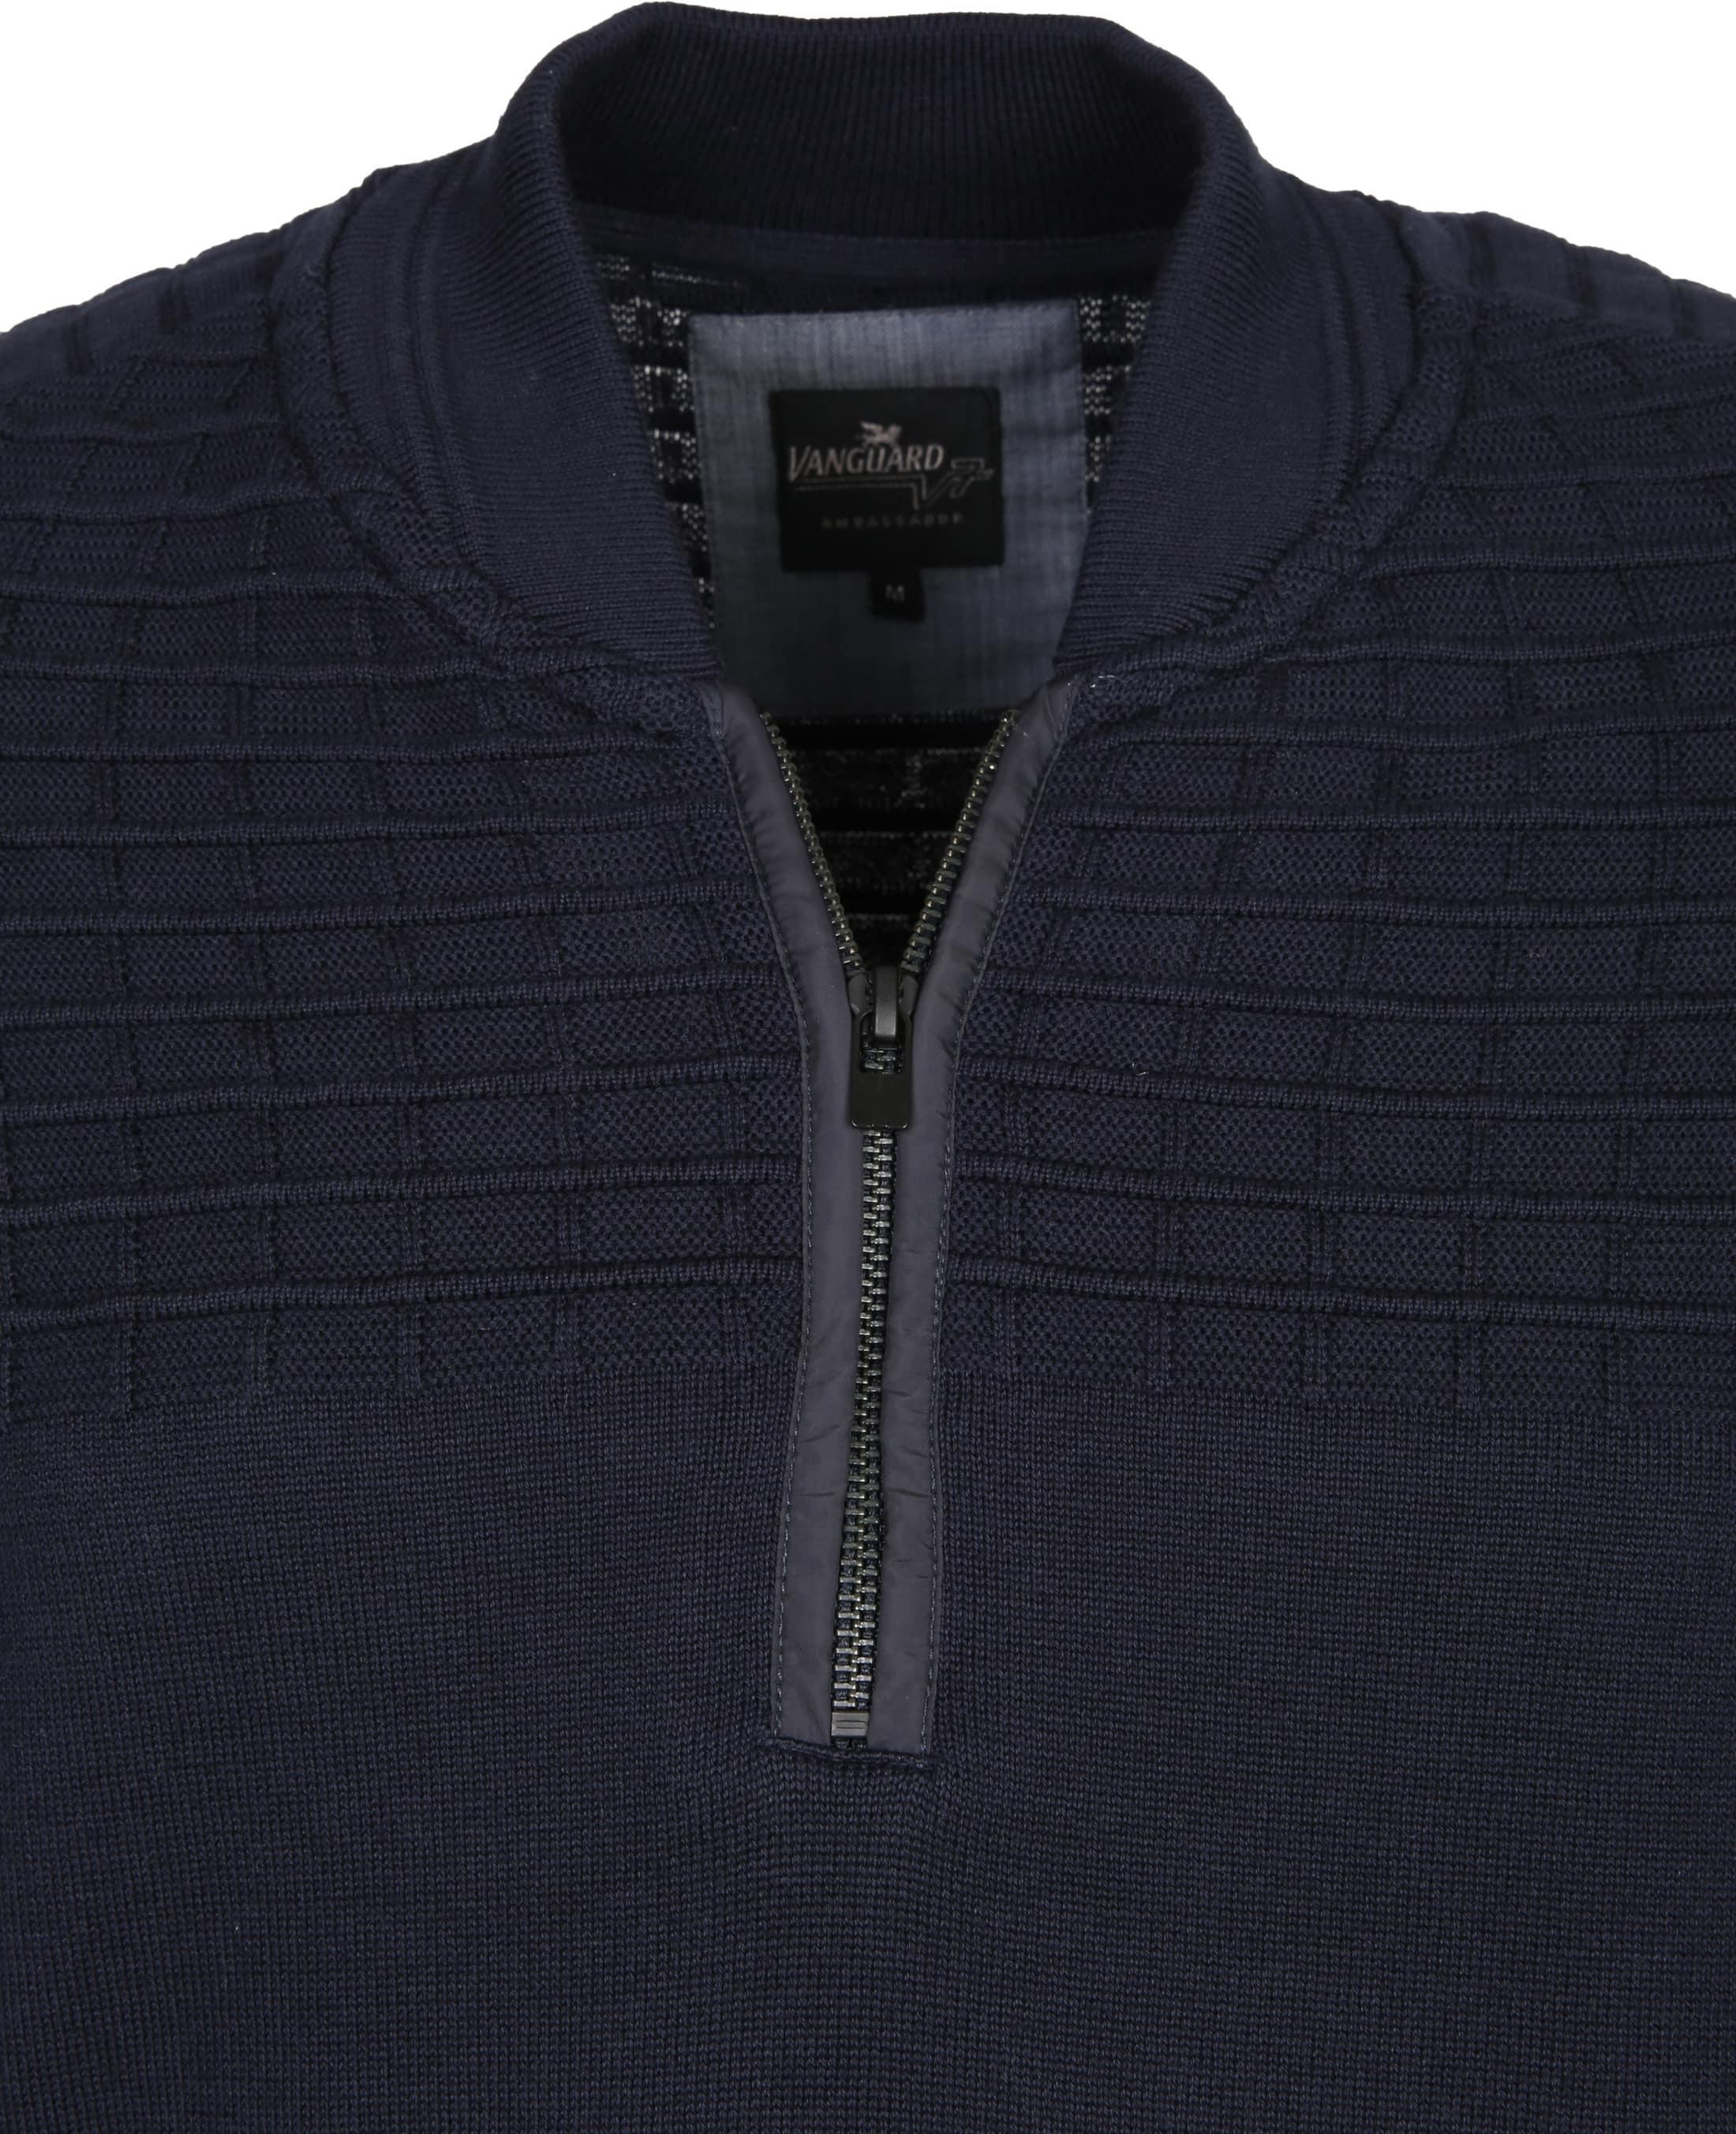 Vanguard Pullover Zipper Navy foto 1